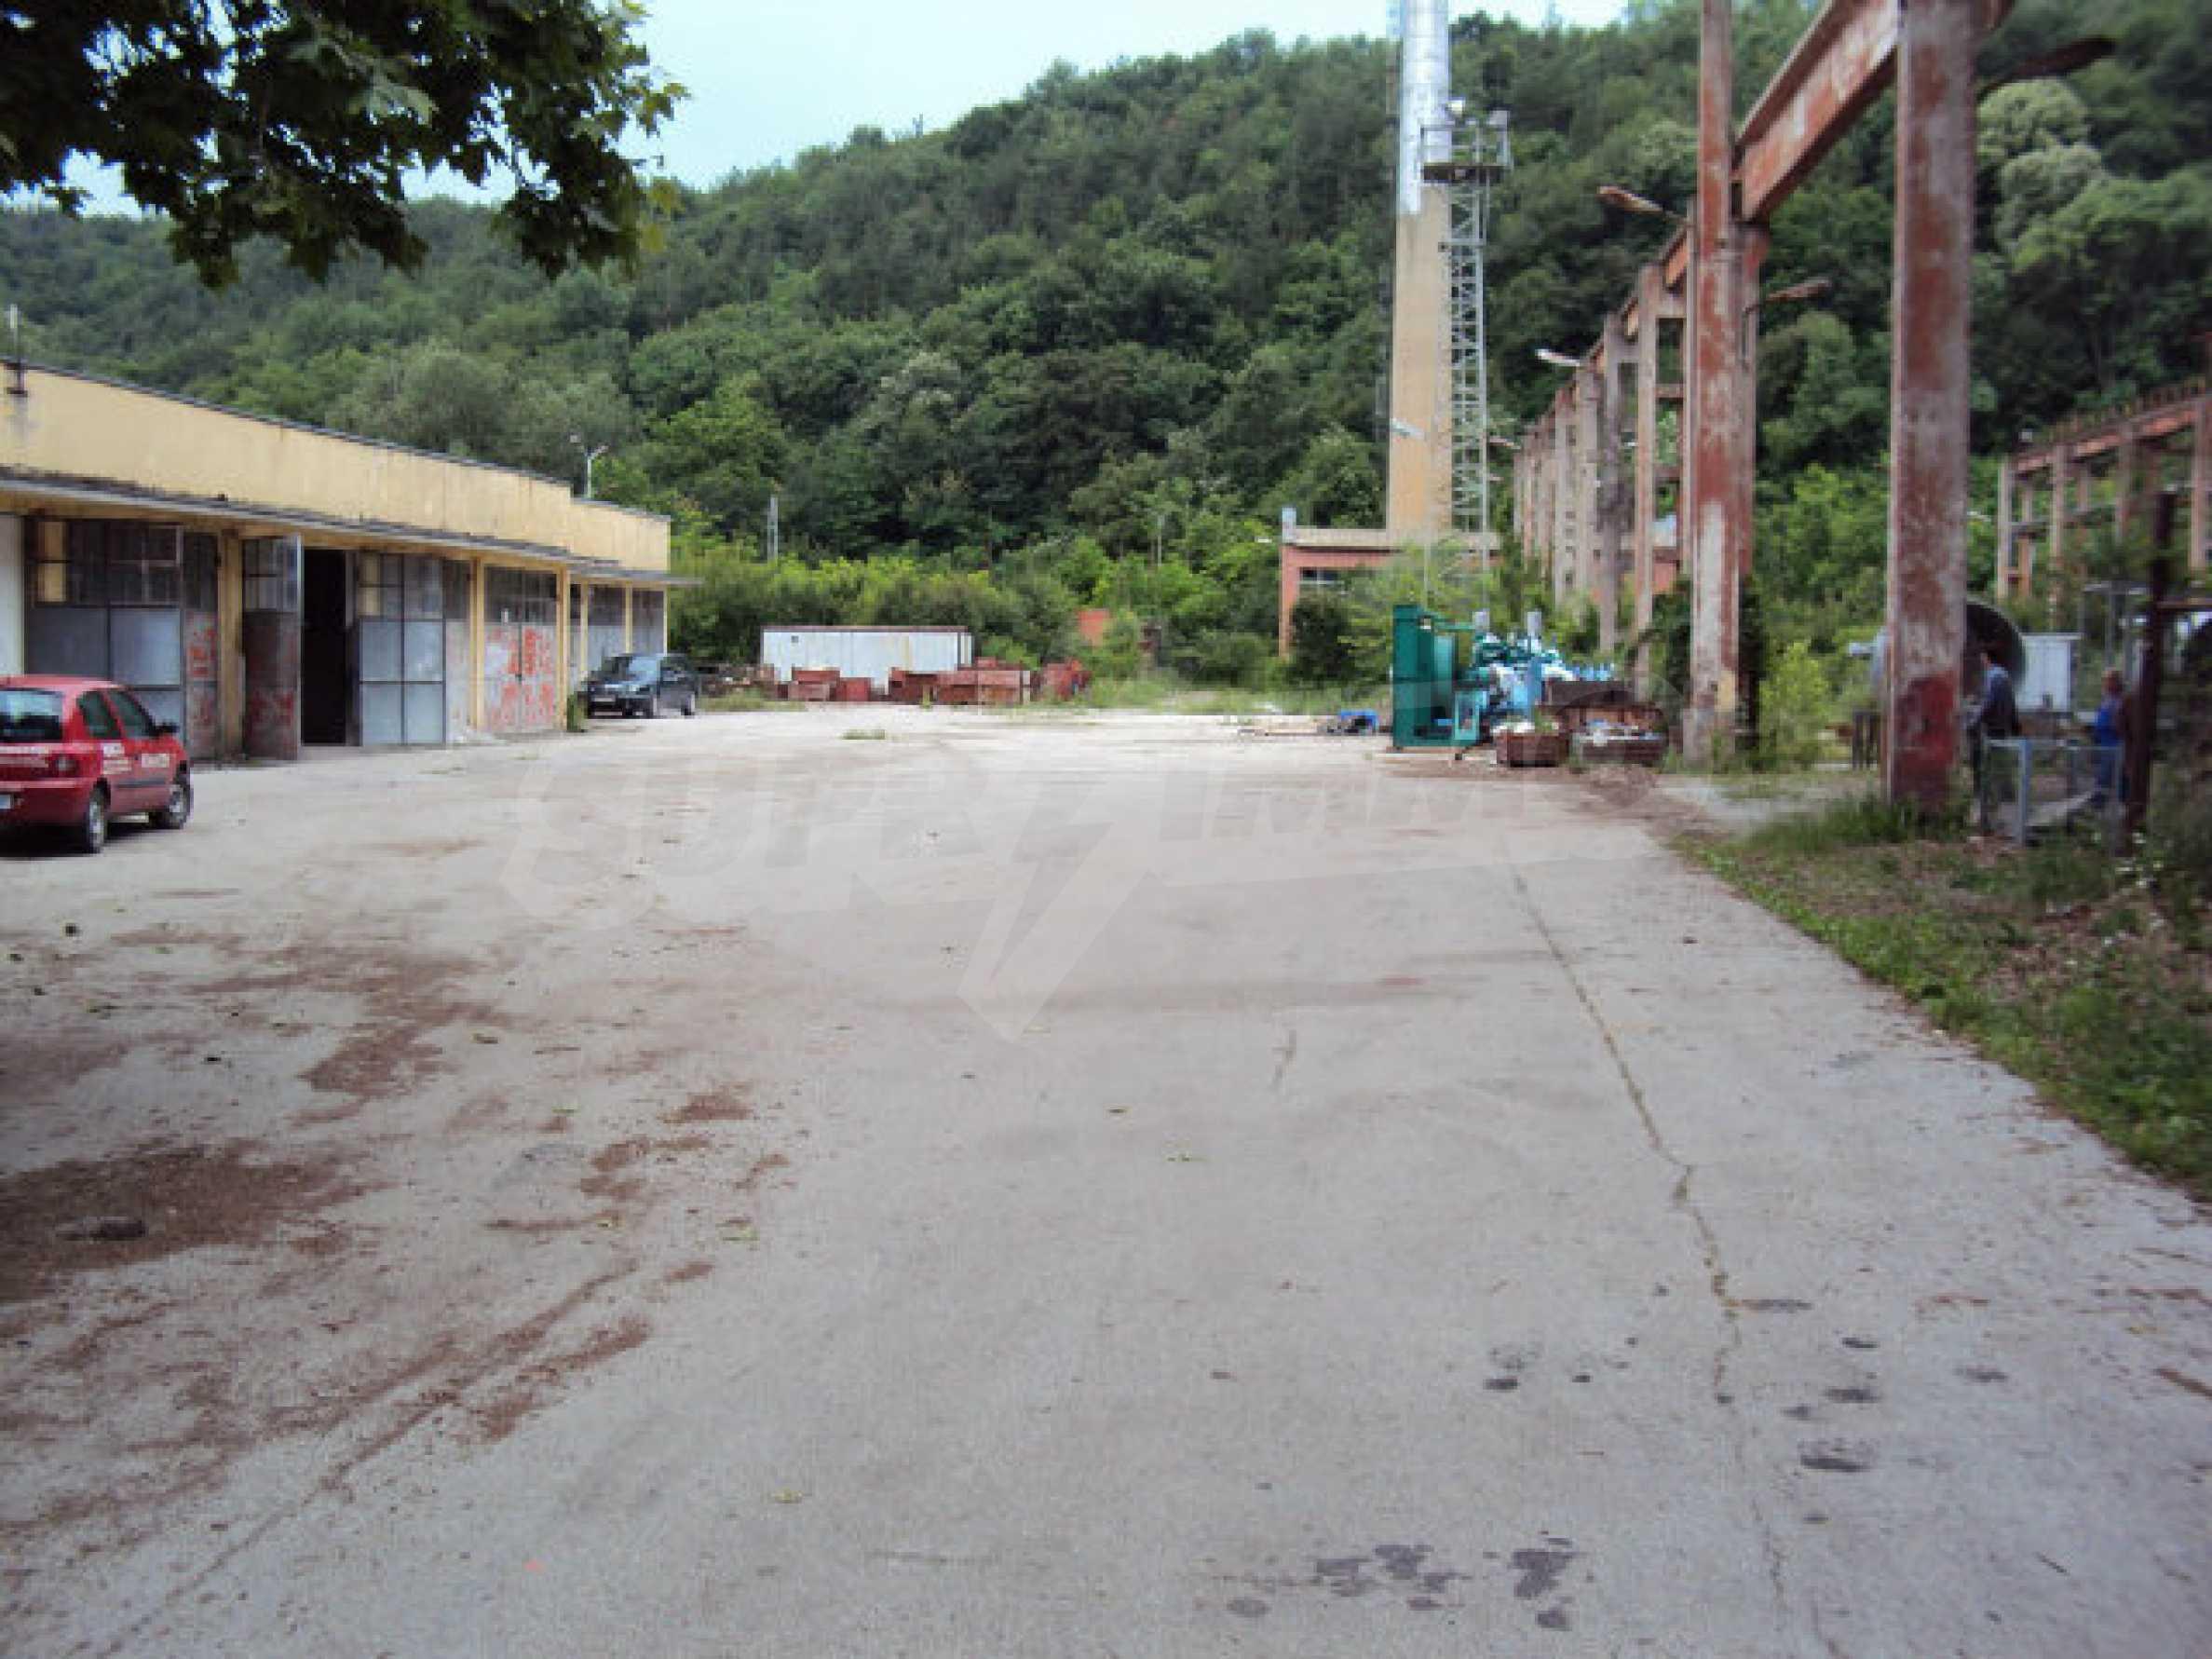 Factory for metal parts in Veliko Tarnovo 14